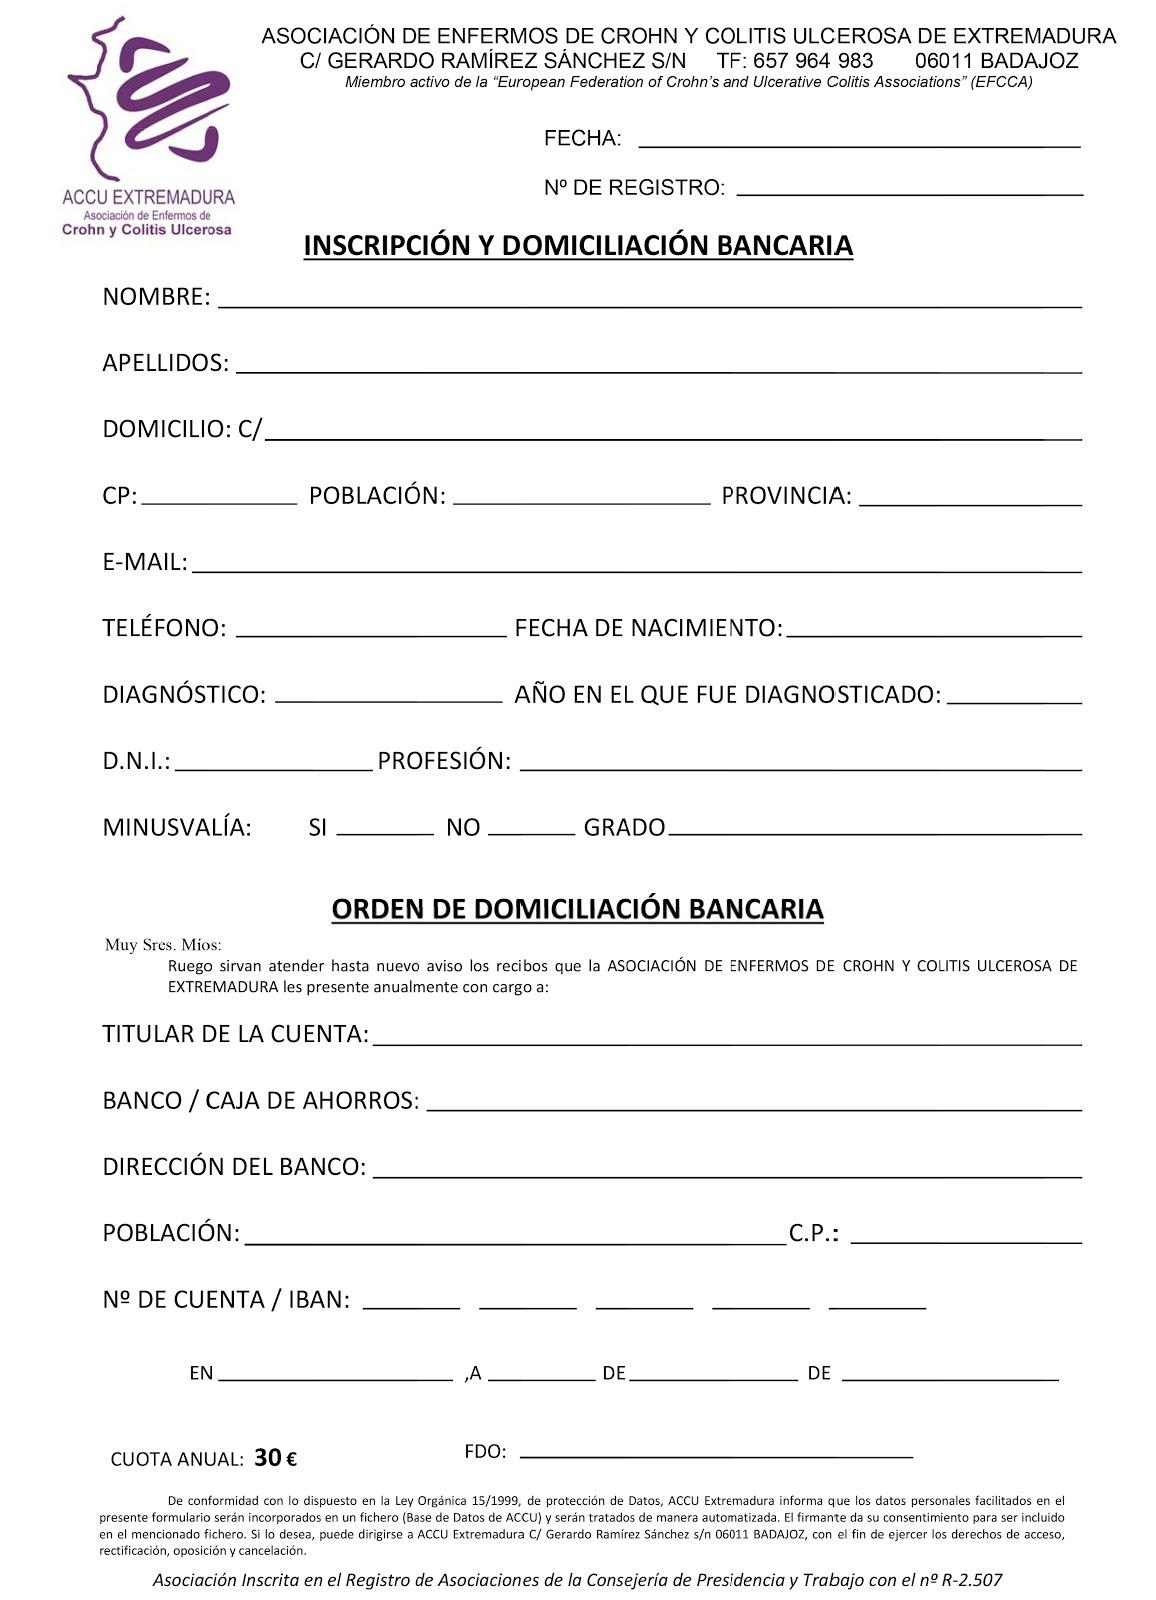 ¿Quieres hacerte socio de ACCU Extremadura?